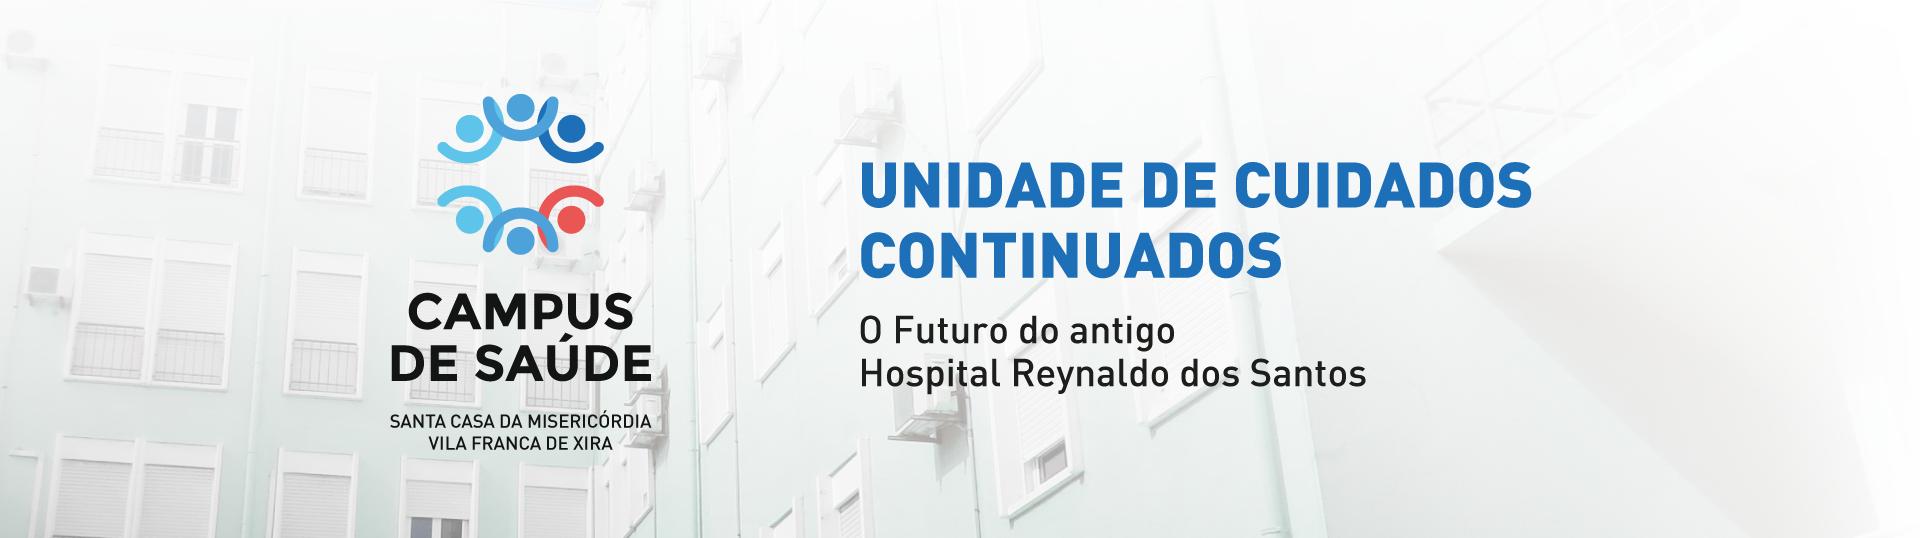 Imagens do Campus de Saúde